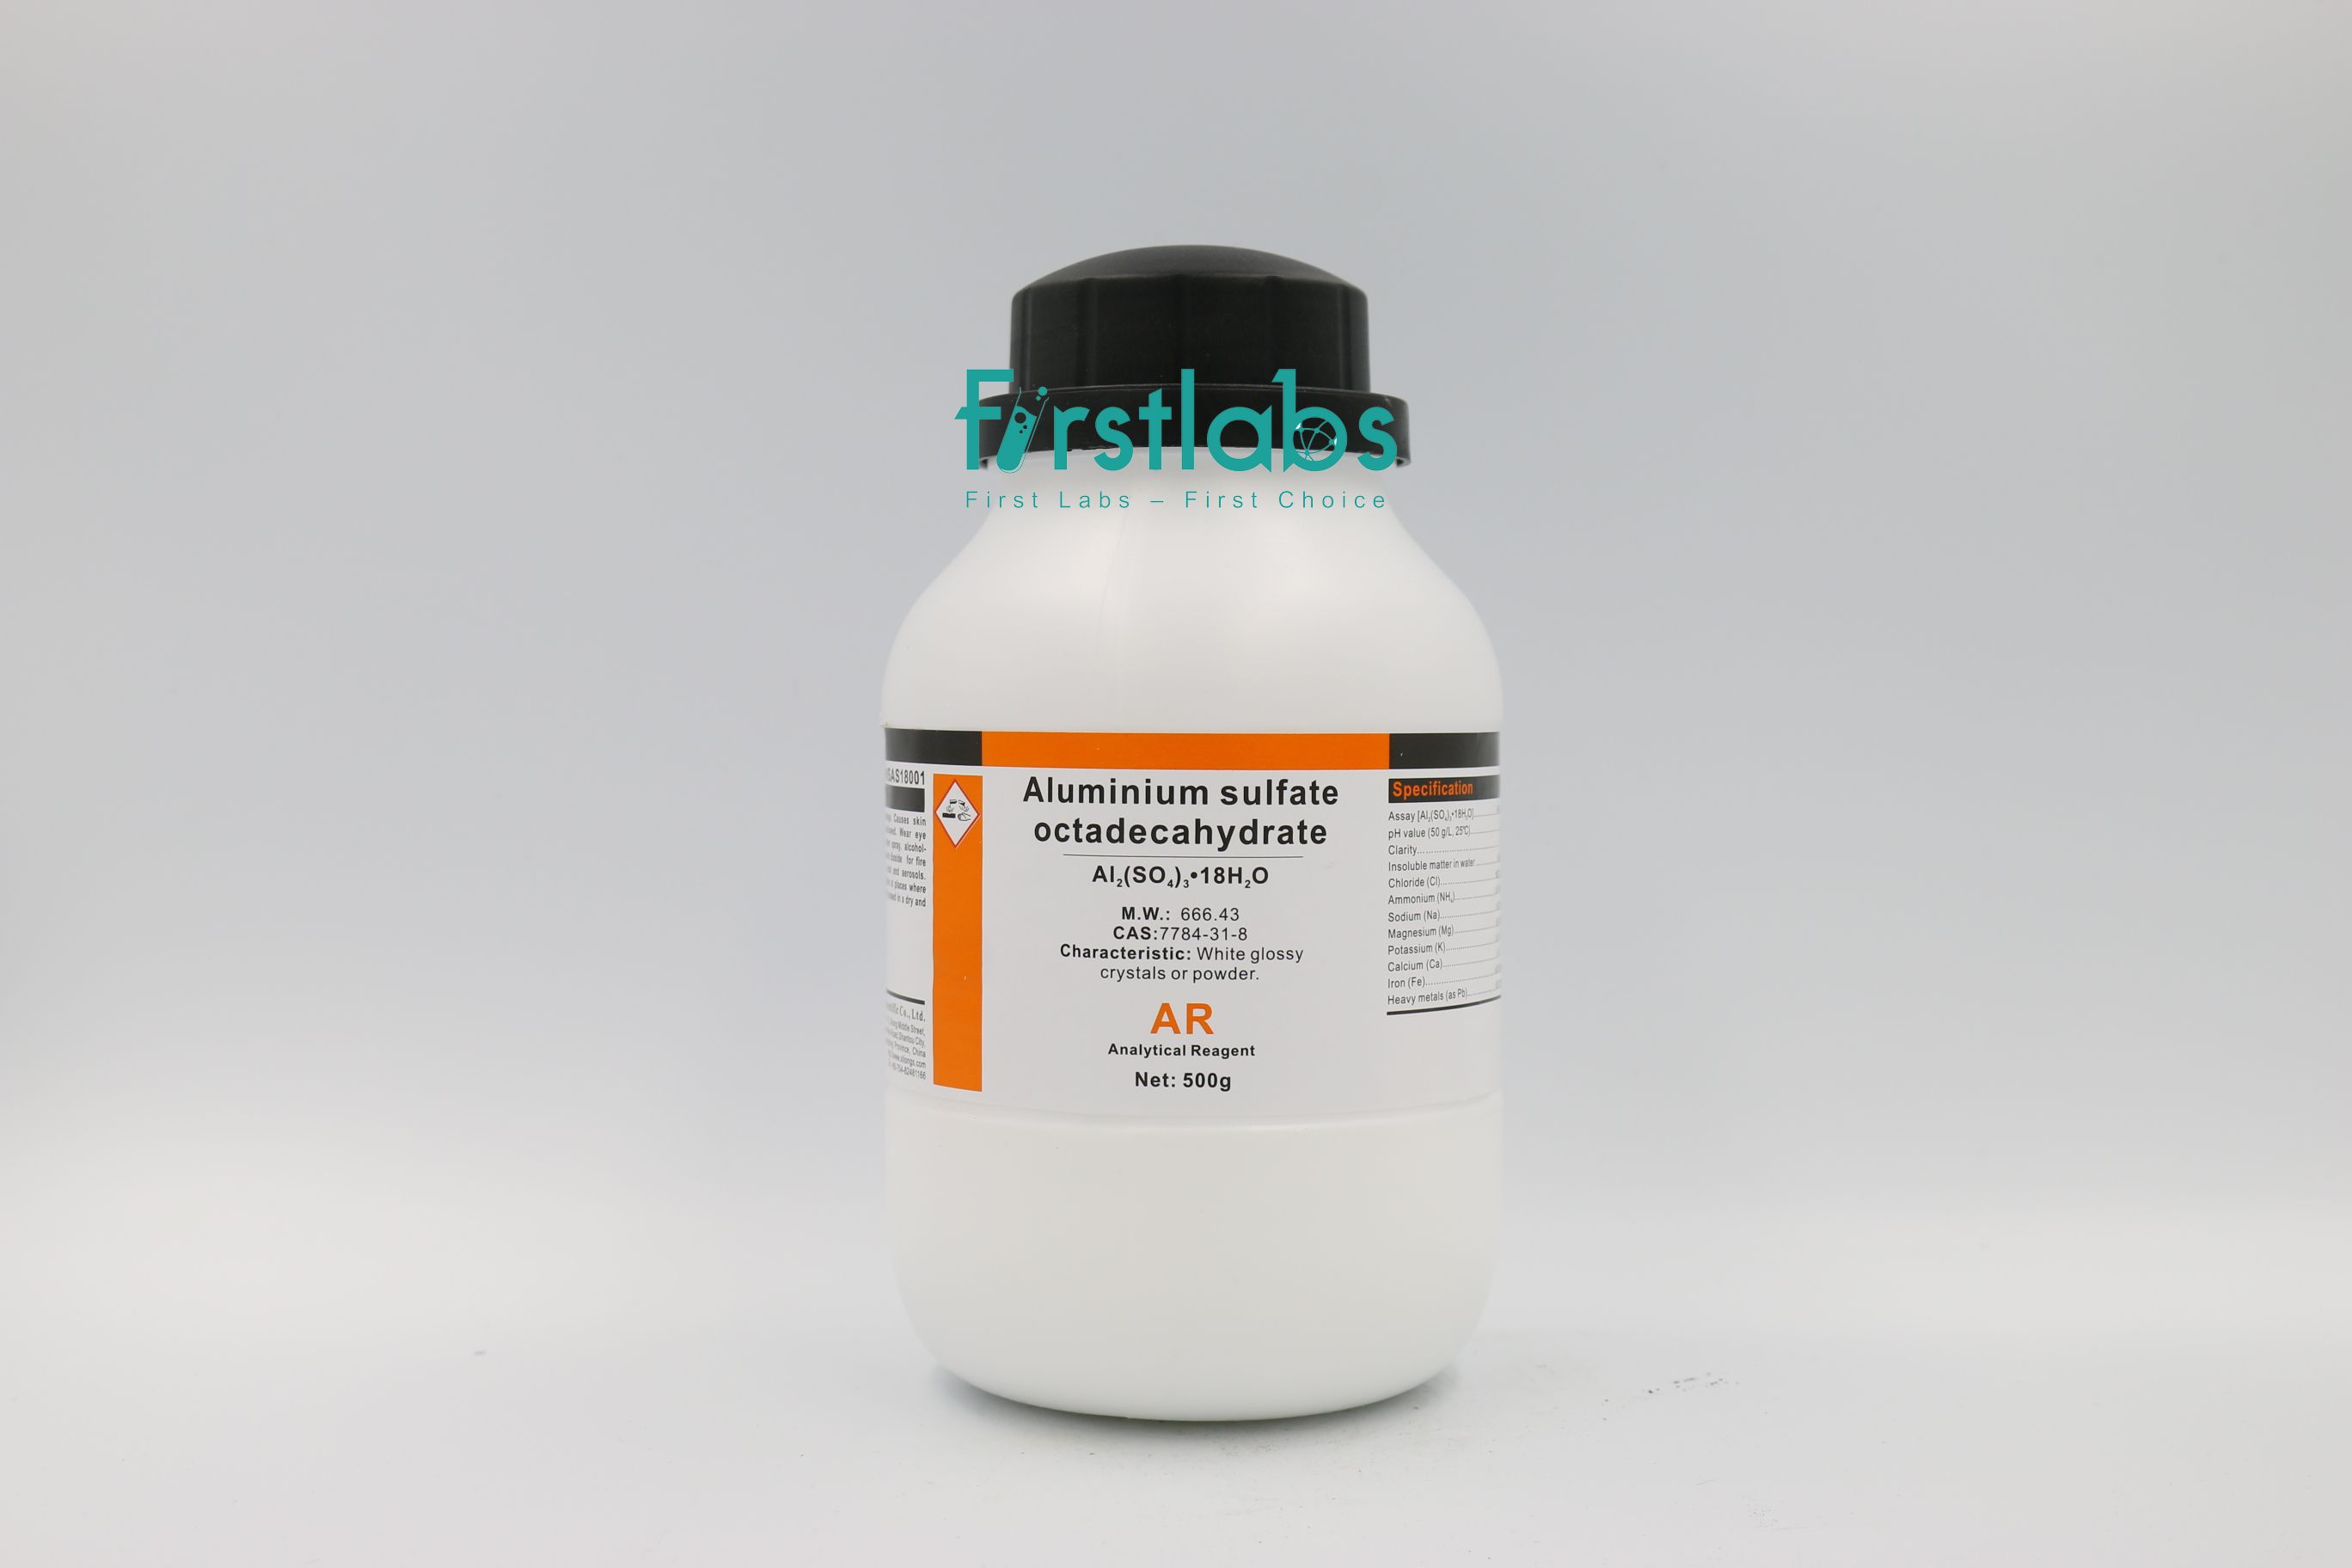 Aluminium sulfate octadecahydrate